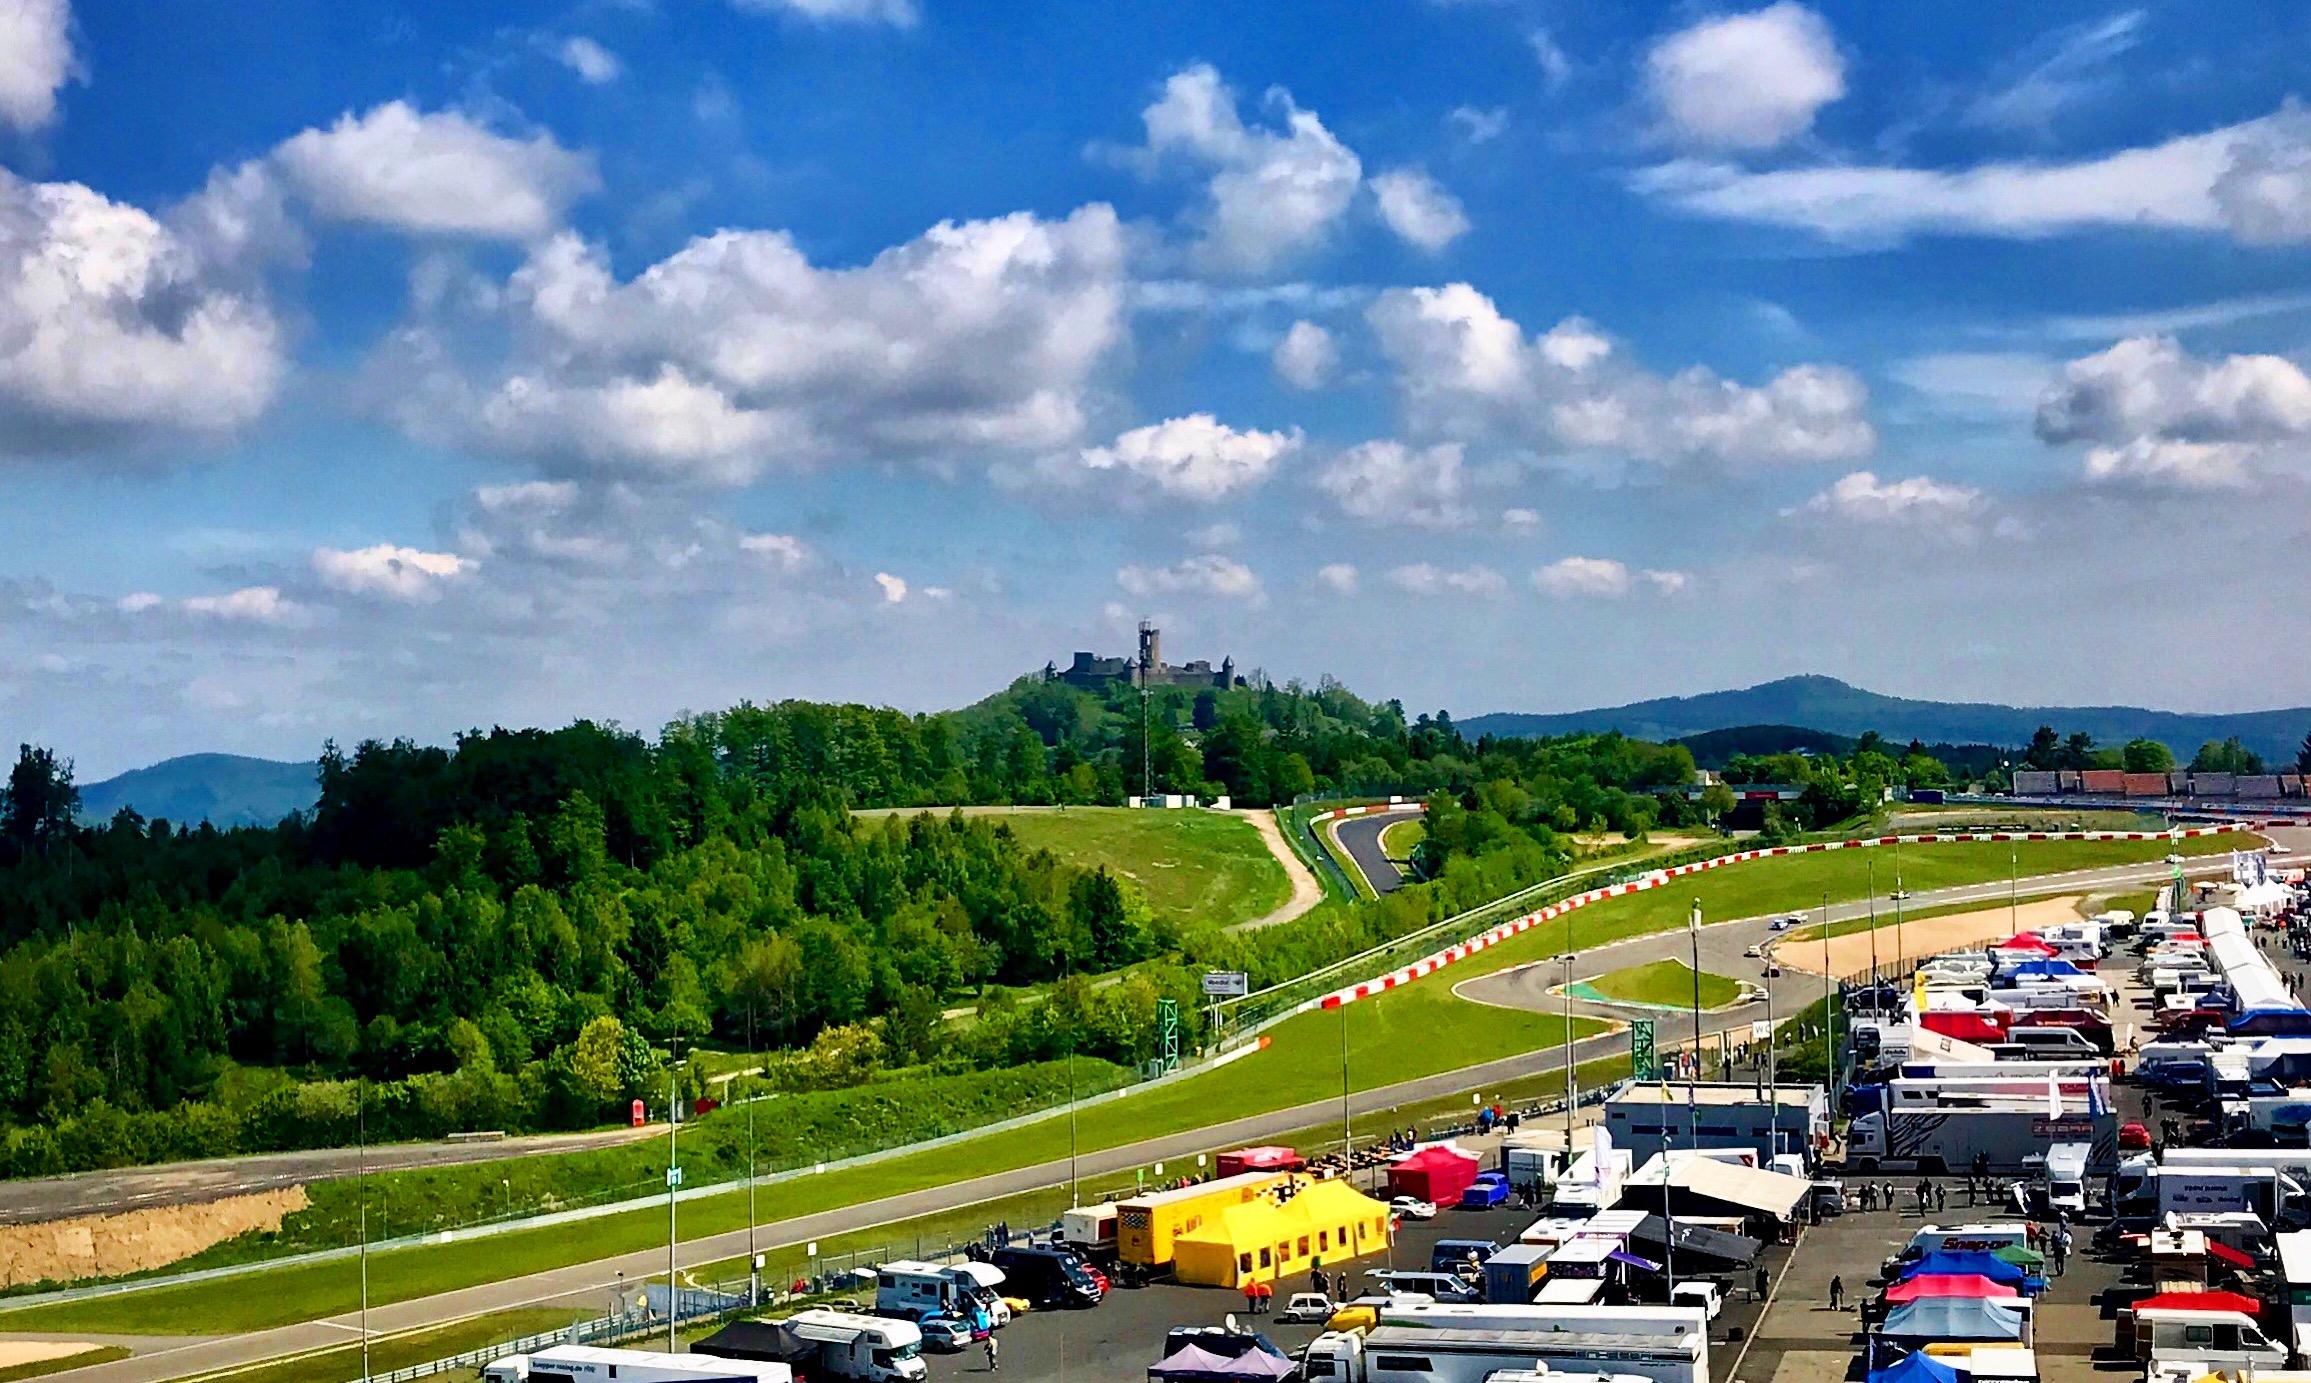 Ergebnis der Sicherheitsdiskussionen in den 1970ern: Das Zusammenspiel aus Nordschleife (Hintergrund) und Grand-Prix-Strecke (Vordergrund) | Foto: Alexander Kraß